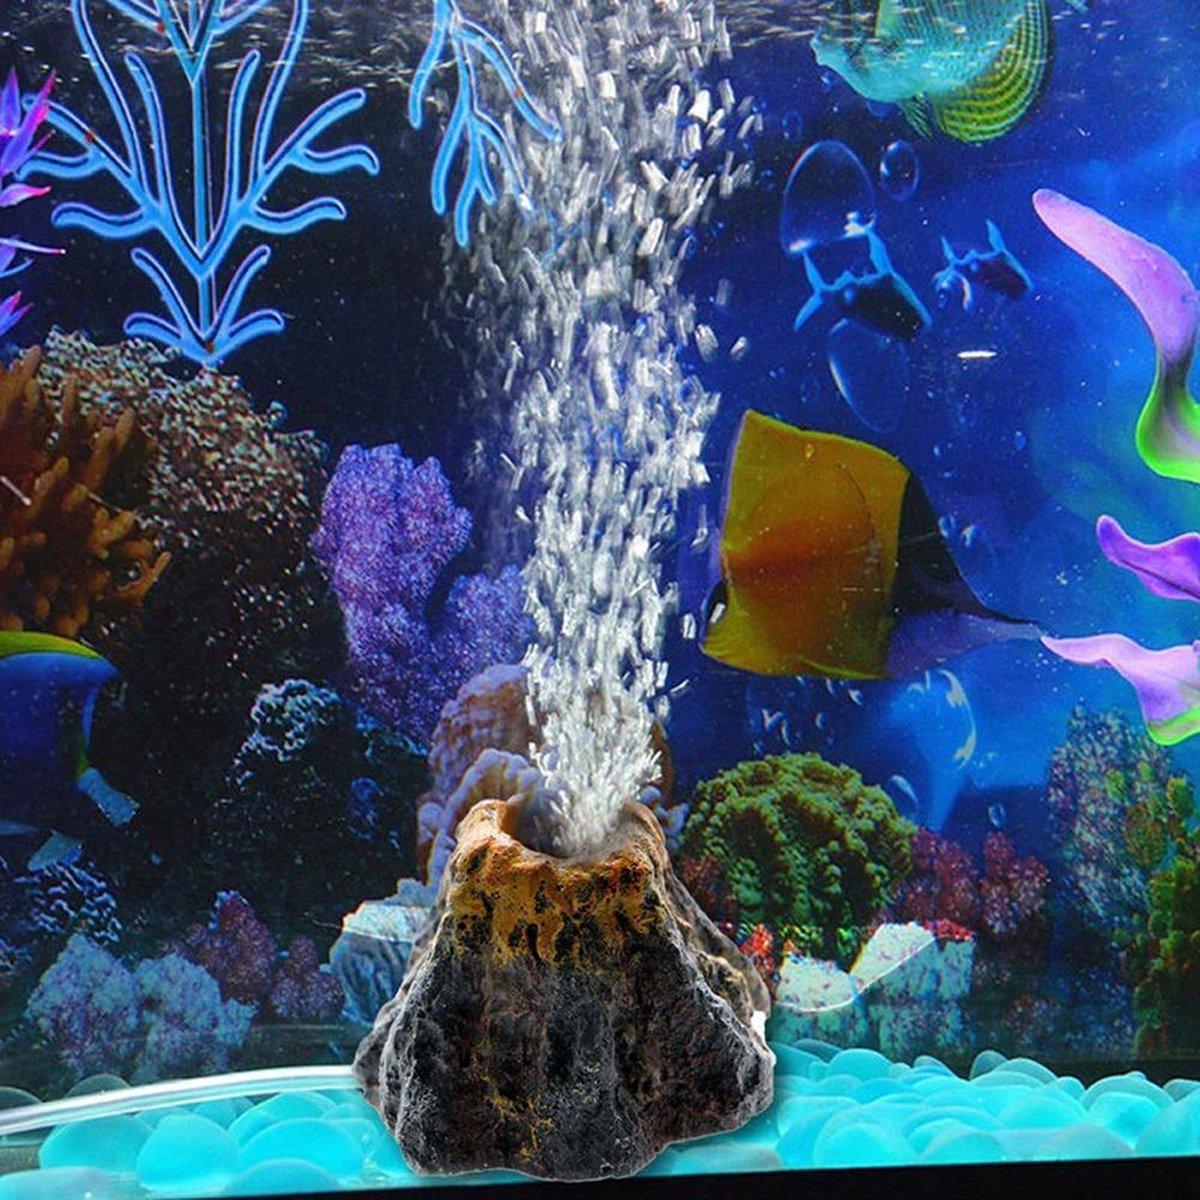 ProAqua Vulkaan Decoratie - Bubbels effect - Aquarium decoratie ornamenten